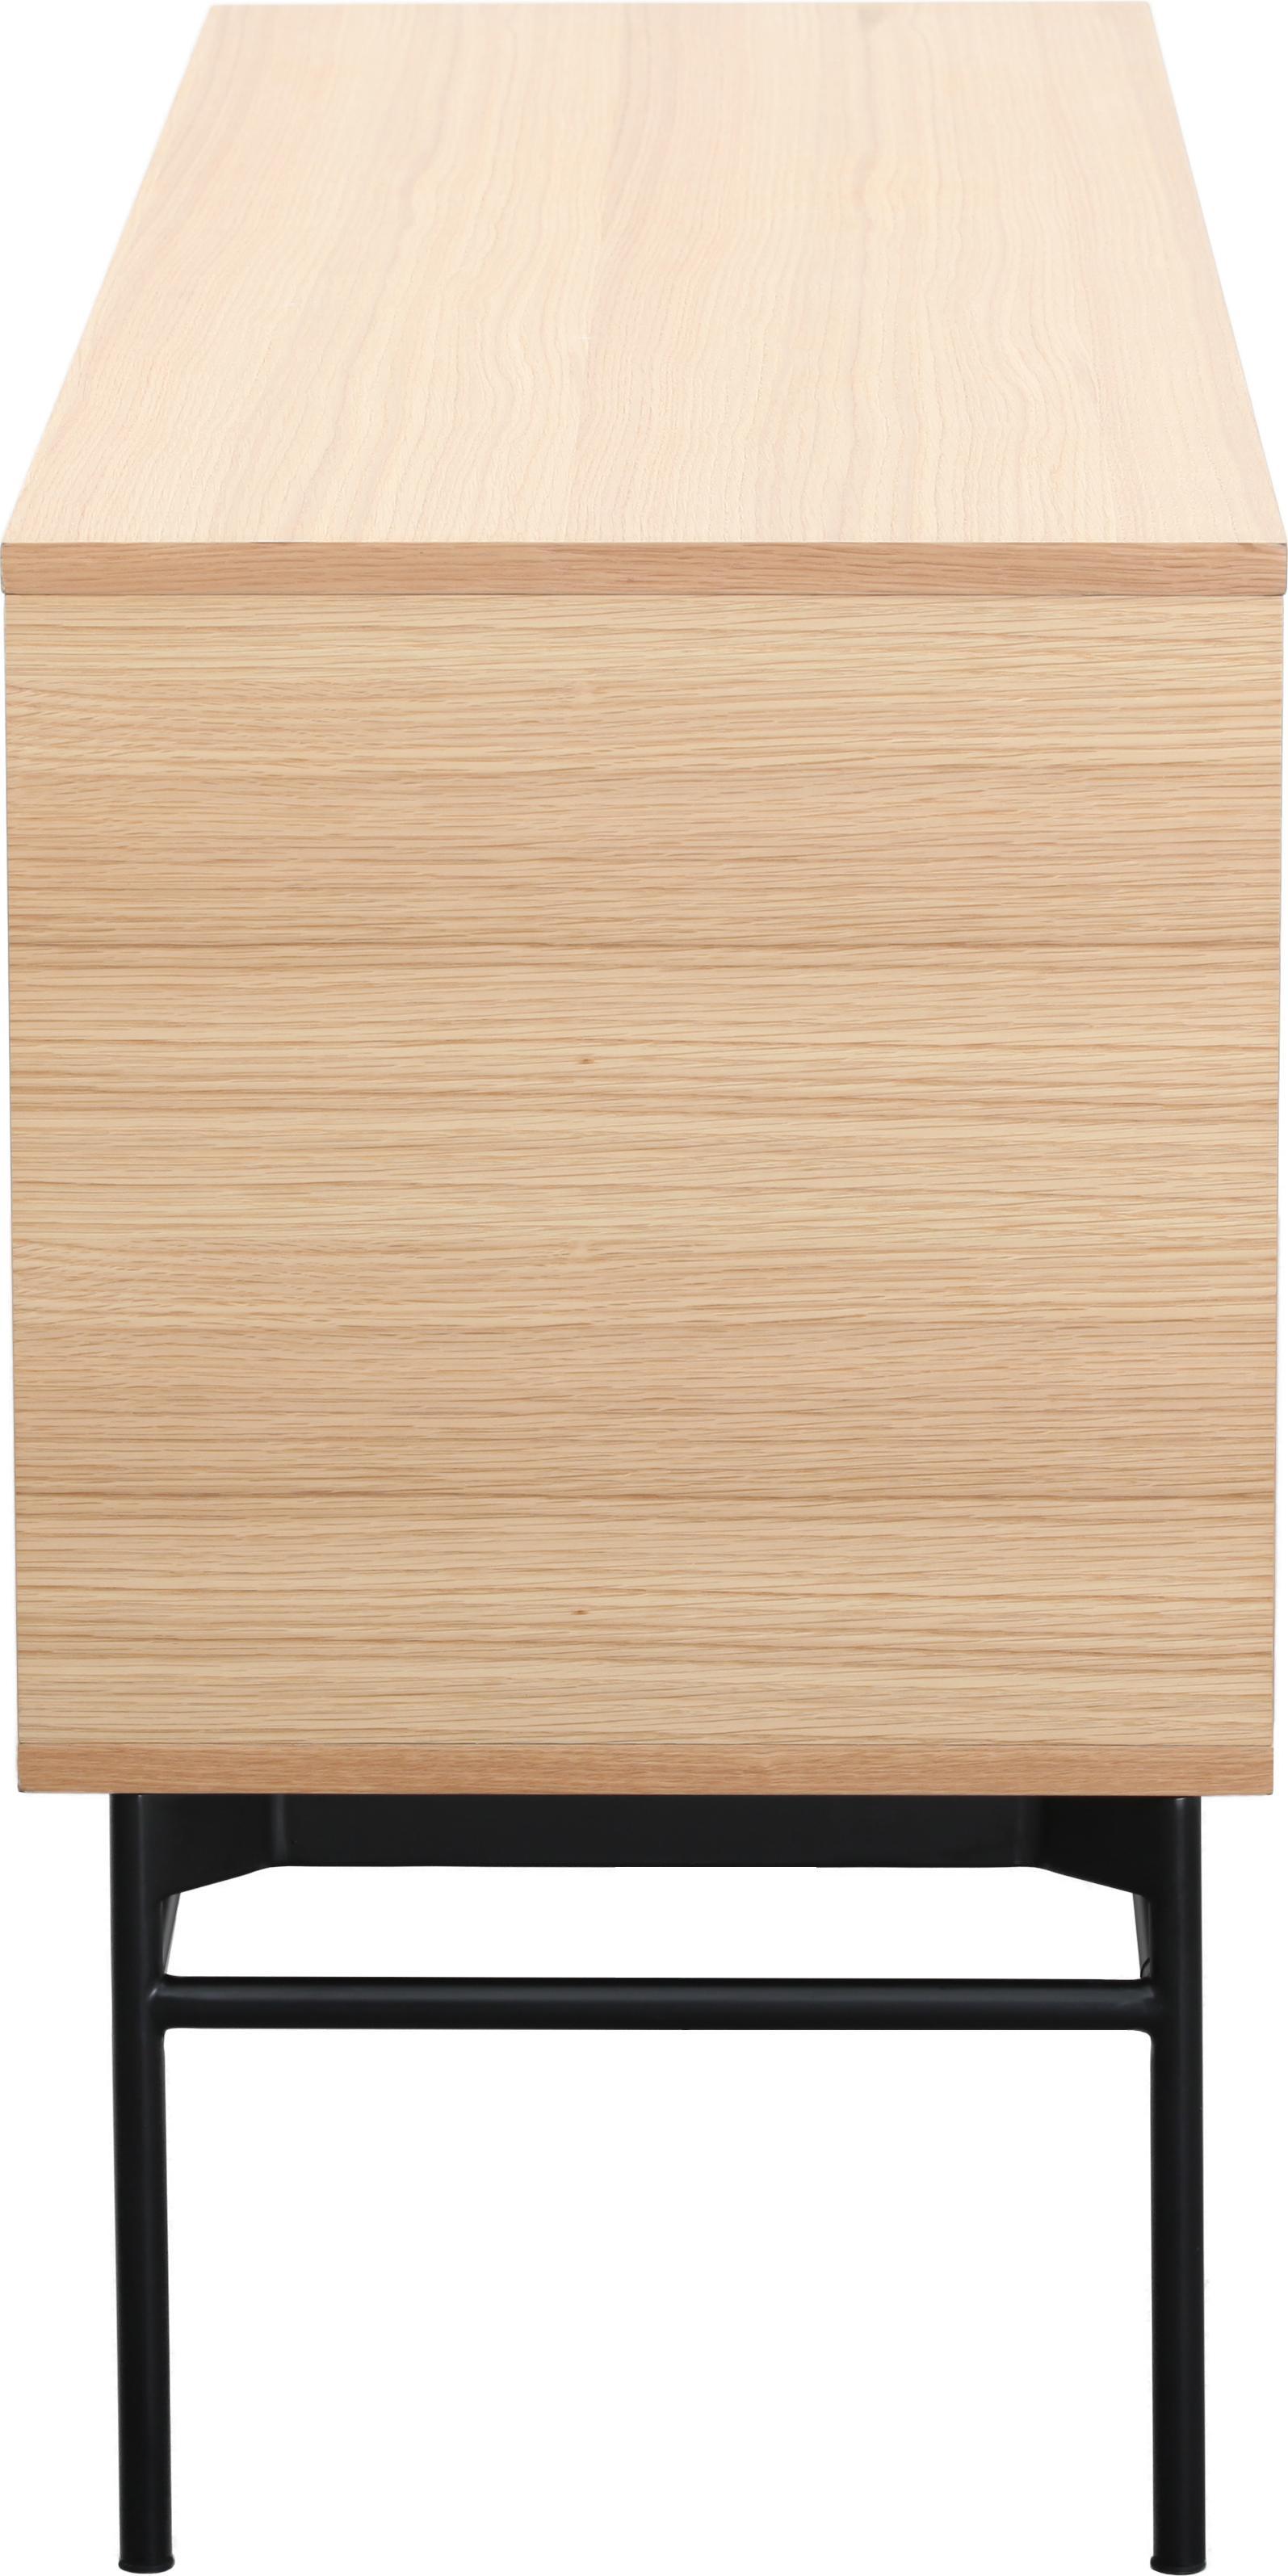 Modern dressoir Johan, Frame: MDF met eikenhoutfineer, Poten: gepoedercoat metaal, Frame: eikenhoutkleurig. Poten: mat zwart, 160 x 75 cm